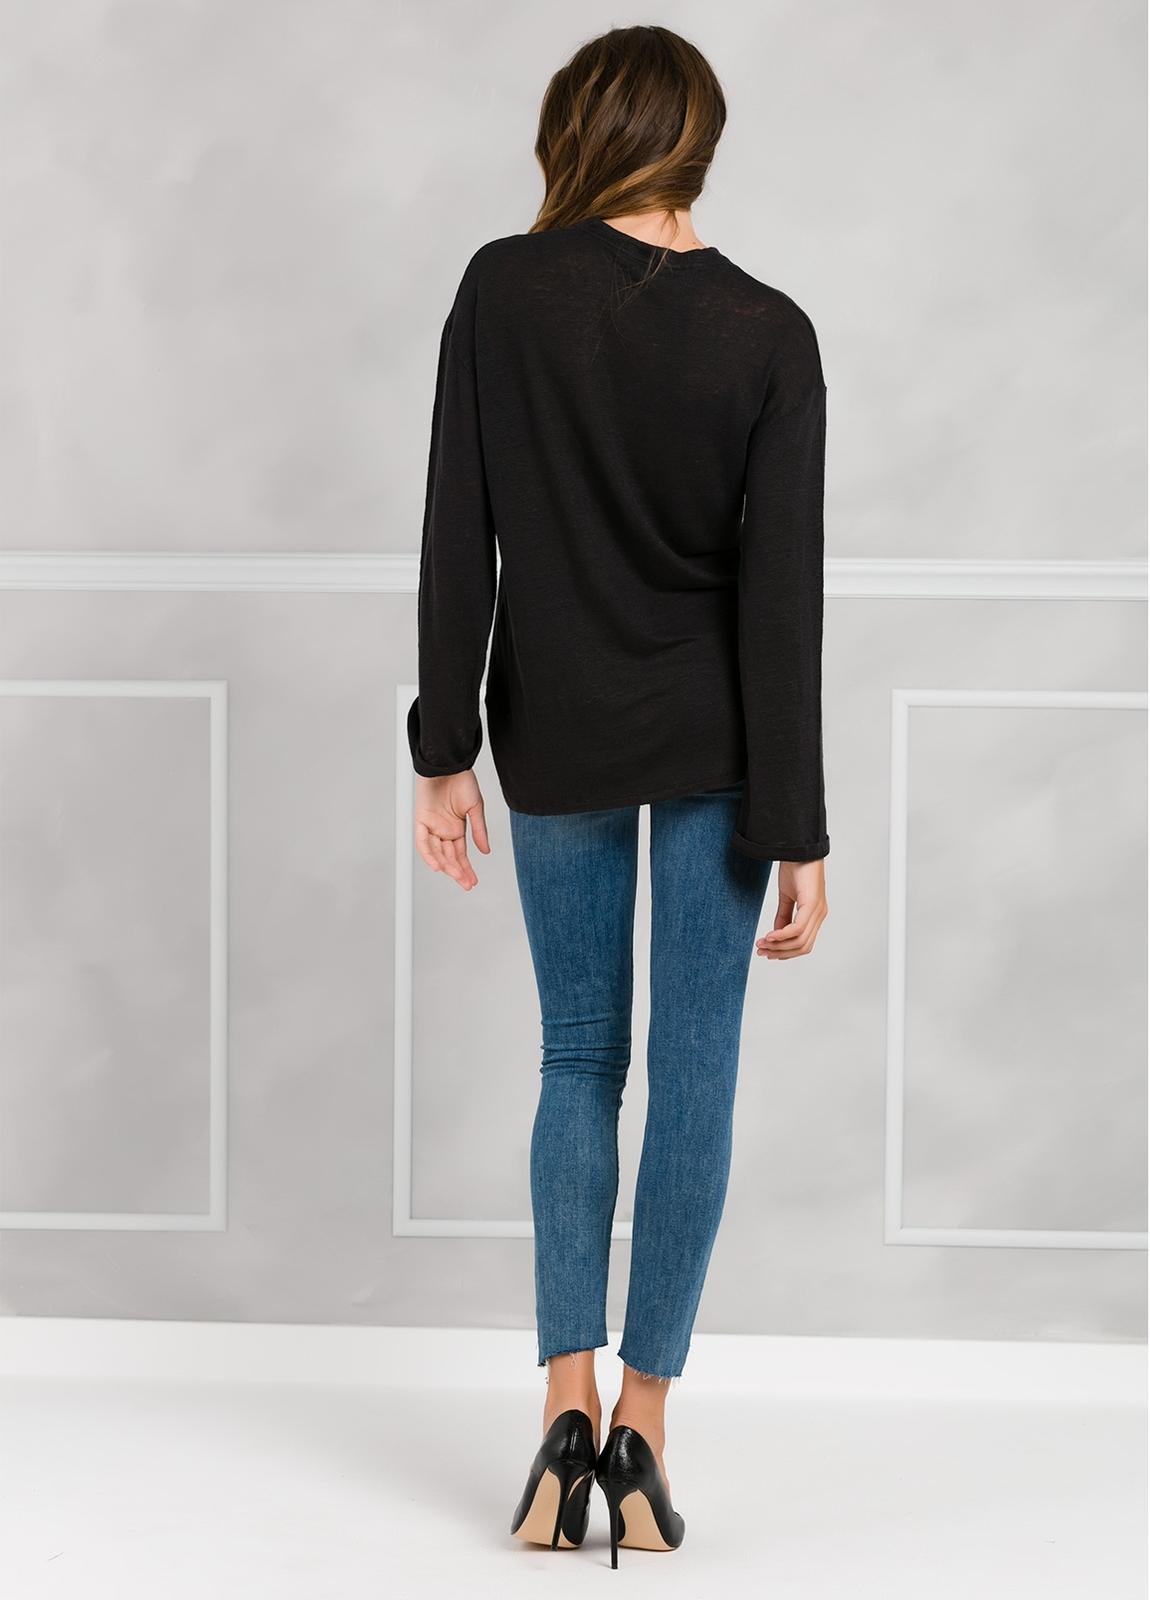 Camiseta woman manga larga color negro, con cordones en escote y apliques metálicos. - Ítem2